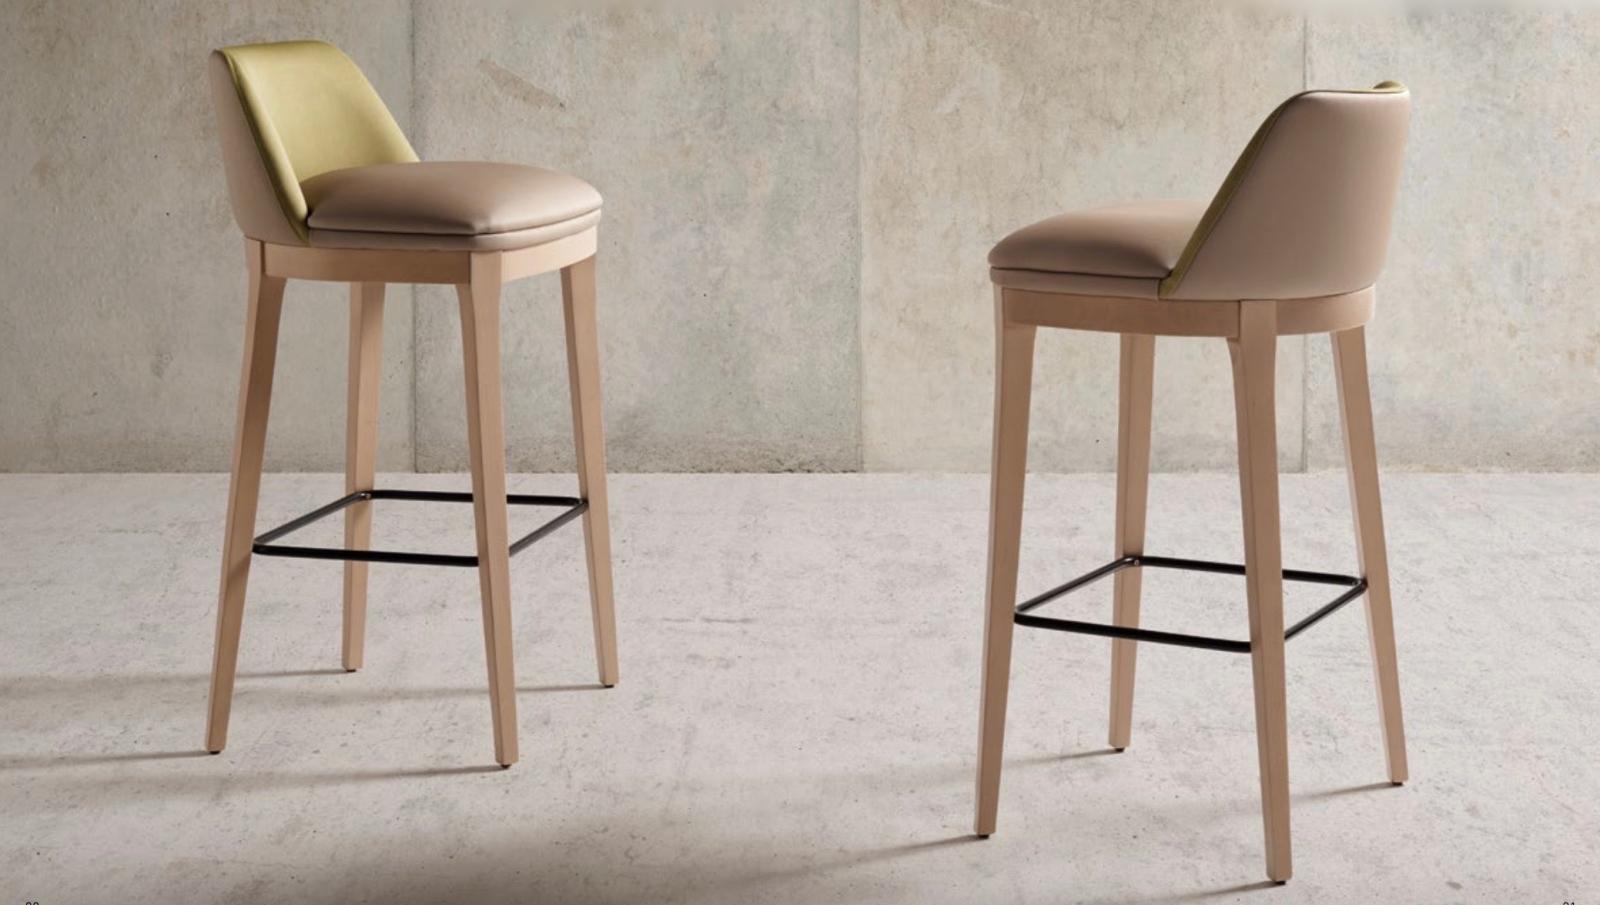 Taburete Moon moderno - Taburete Moon, silla alta con un tapizado de excelente calidad y madera de haya.  Moderno y cómodo.